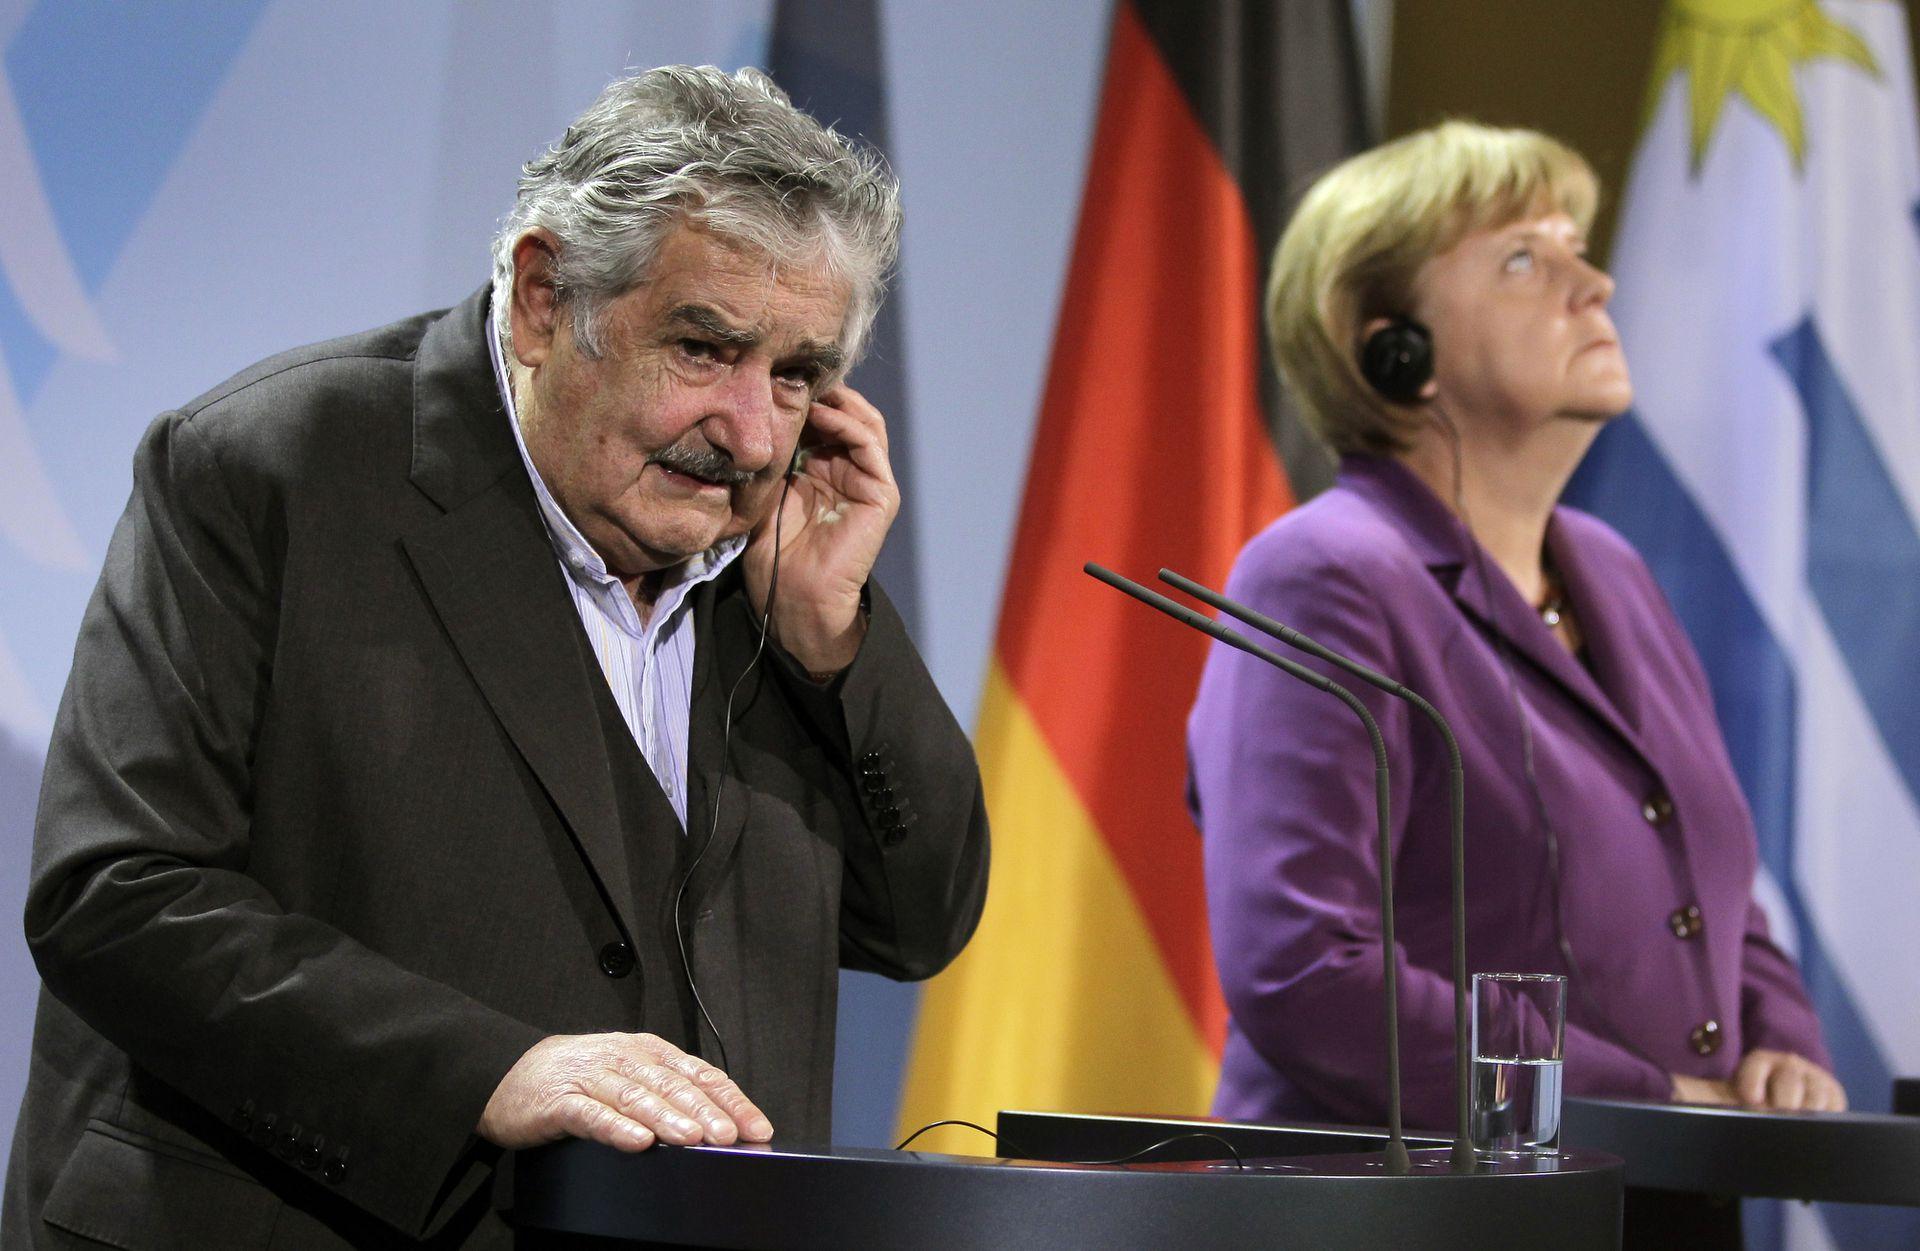 La canciller alemana y el presidente de Uruguay, José Mujica, comparten una conferencia de prensa tras una reunión en la cancillería en Berlín, Alemania, el martes 18 de octubre de 2011